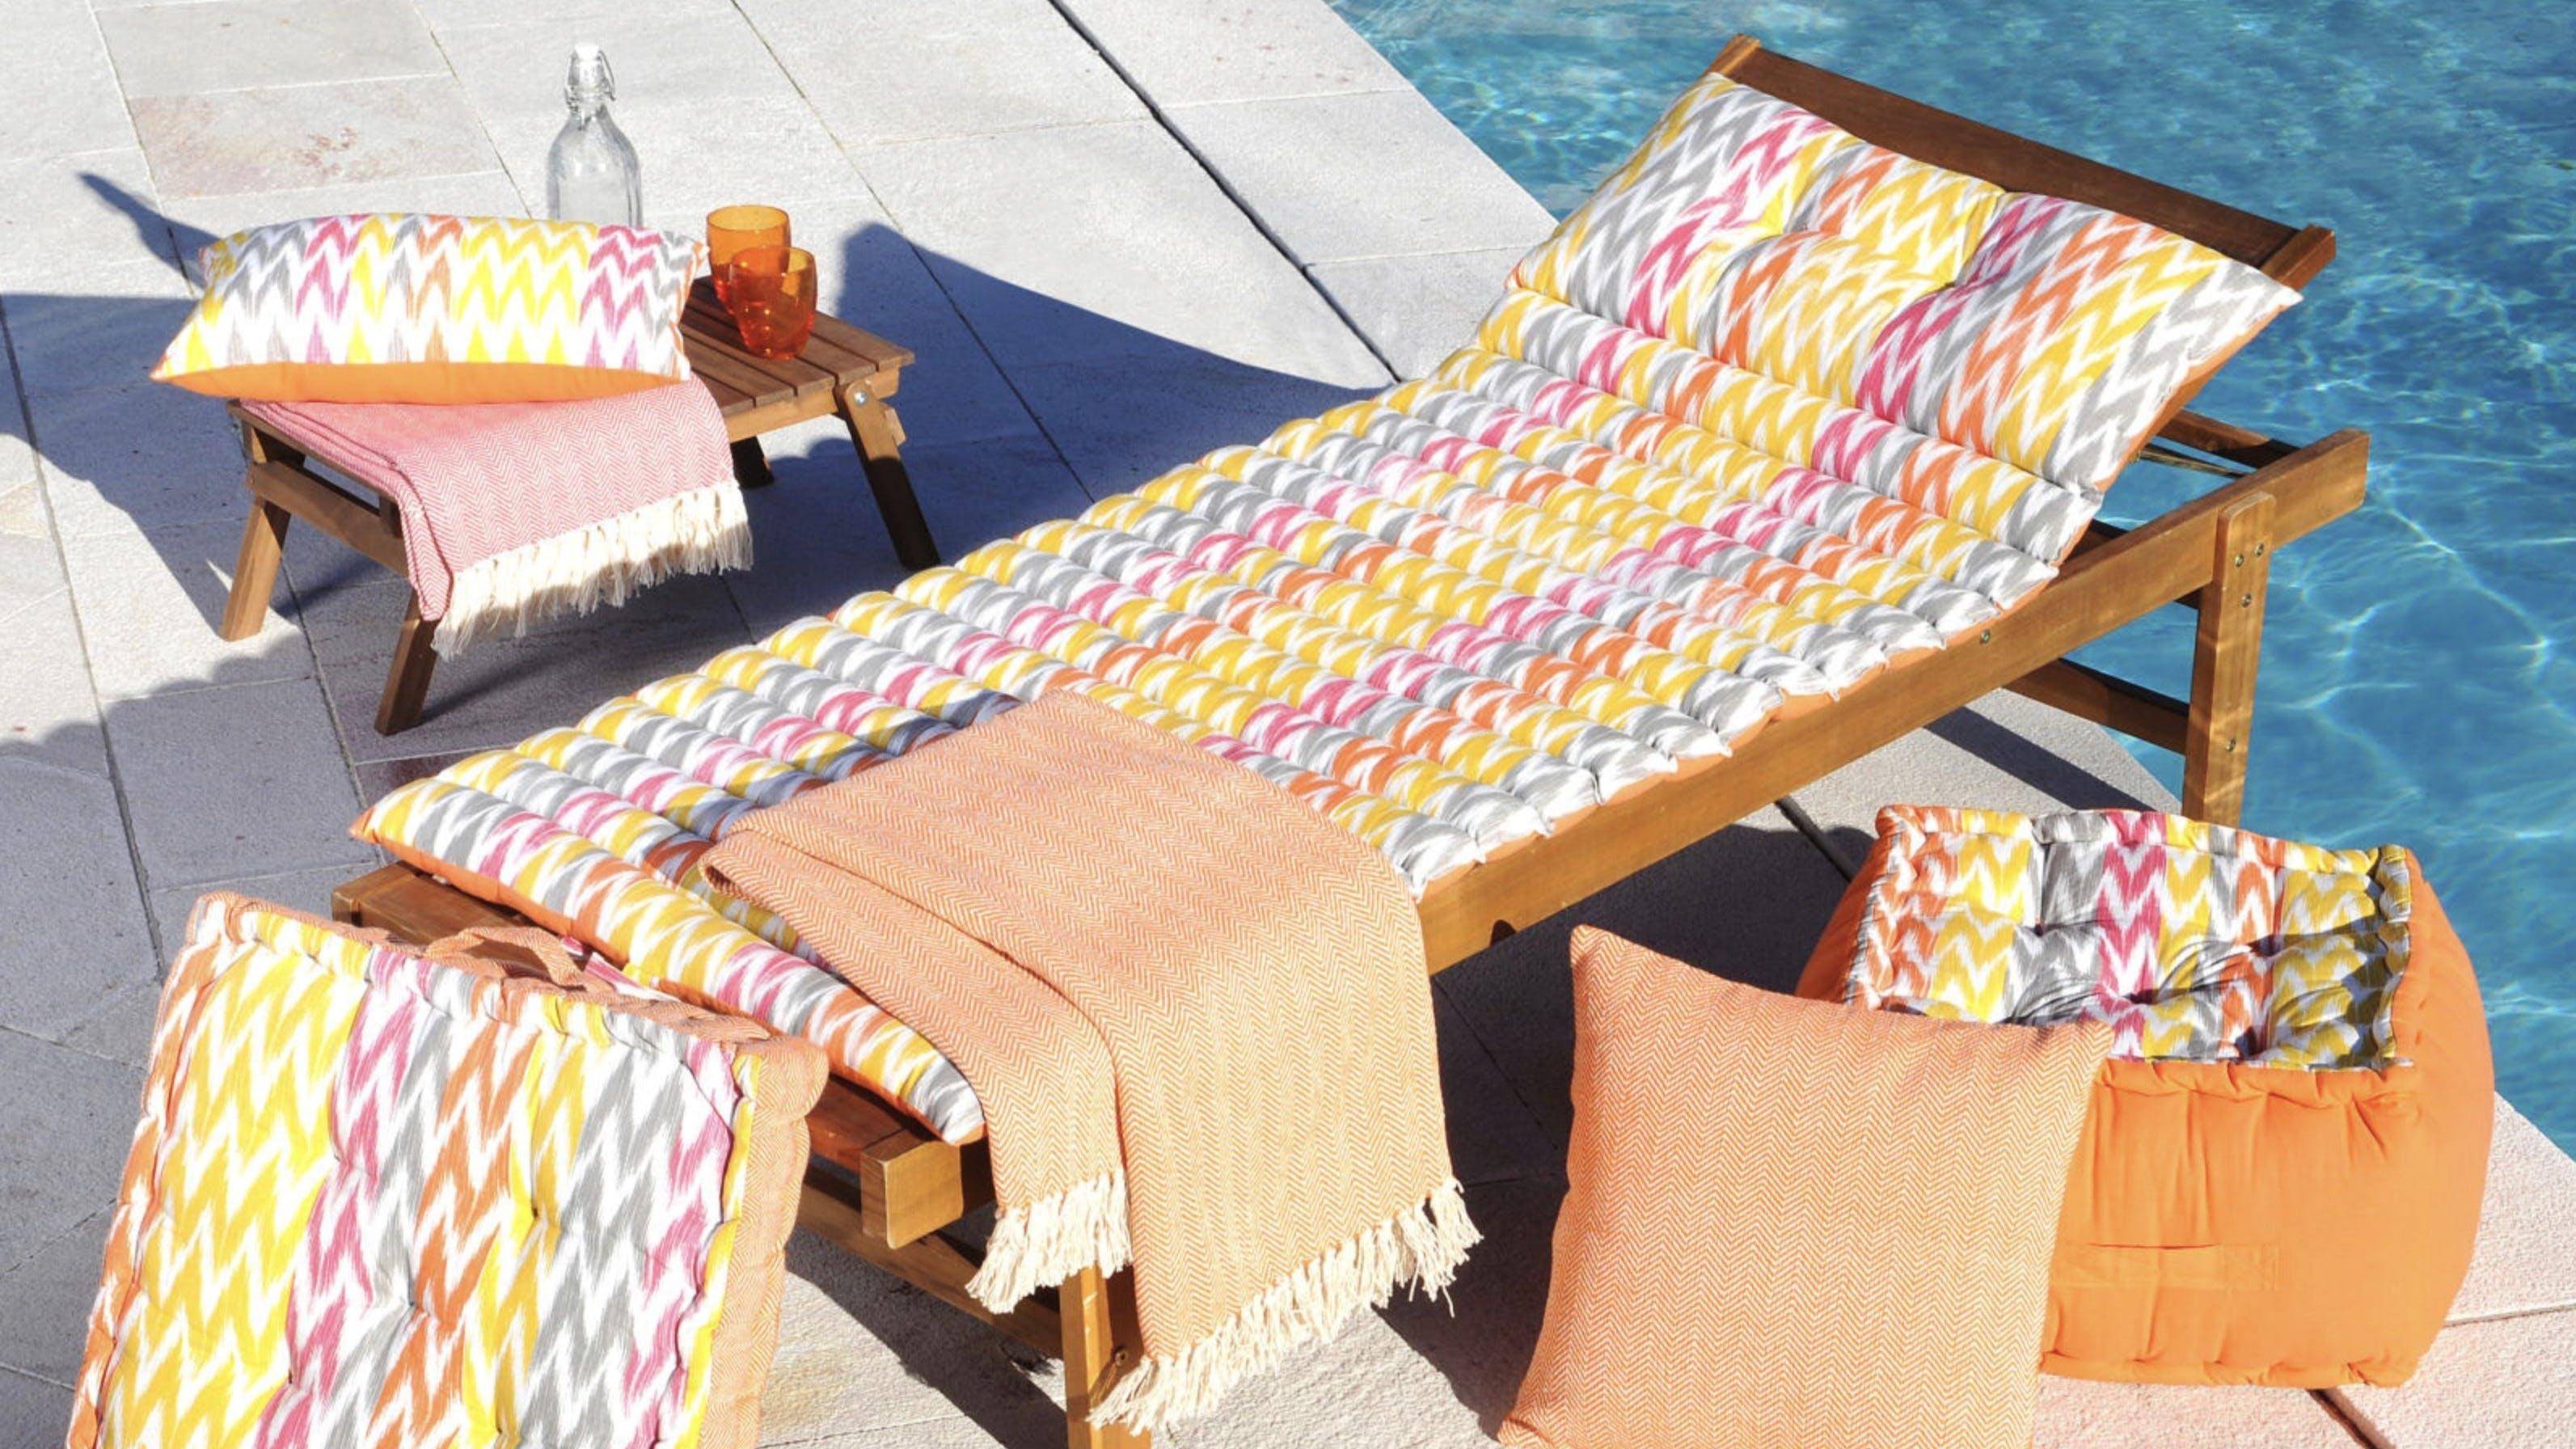 Coussins d'extérieur, matelas pour bains de soleil : unis, à motifs...